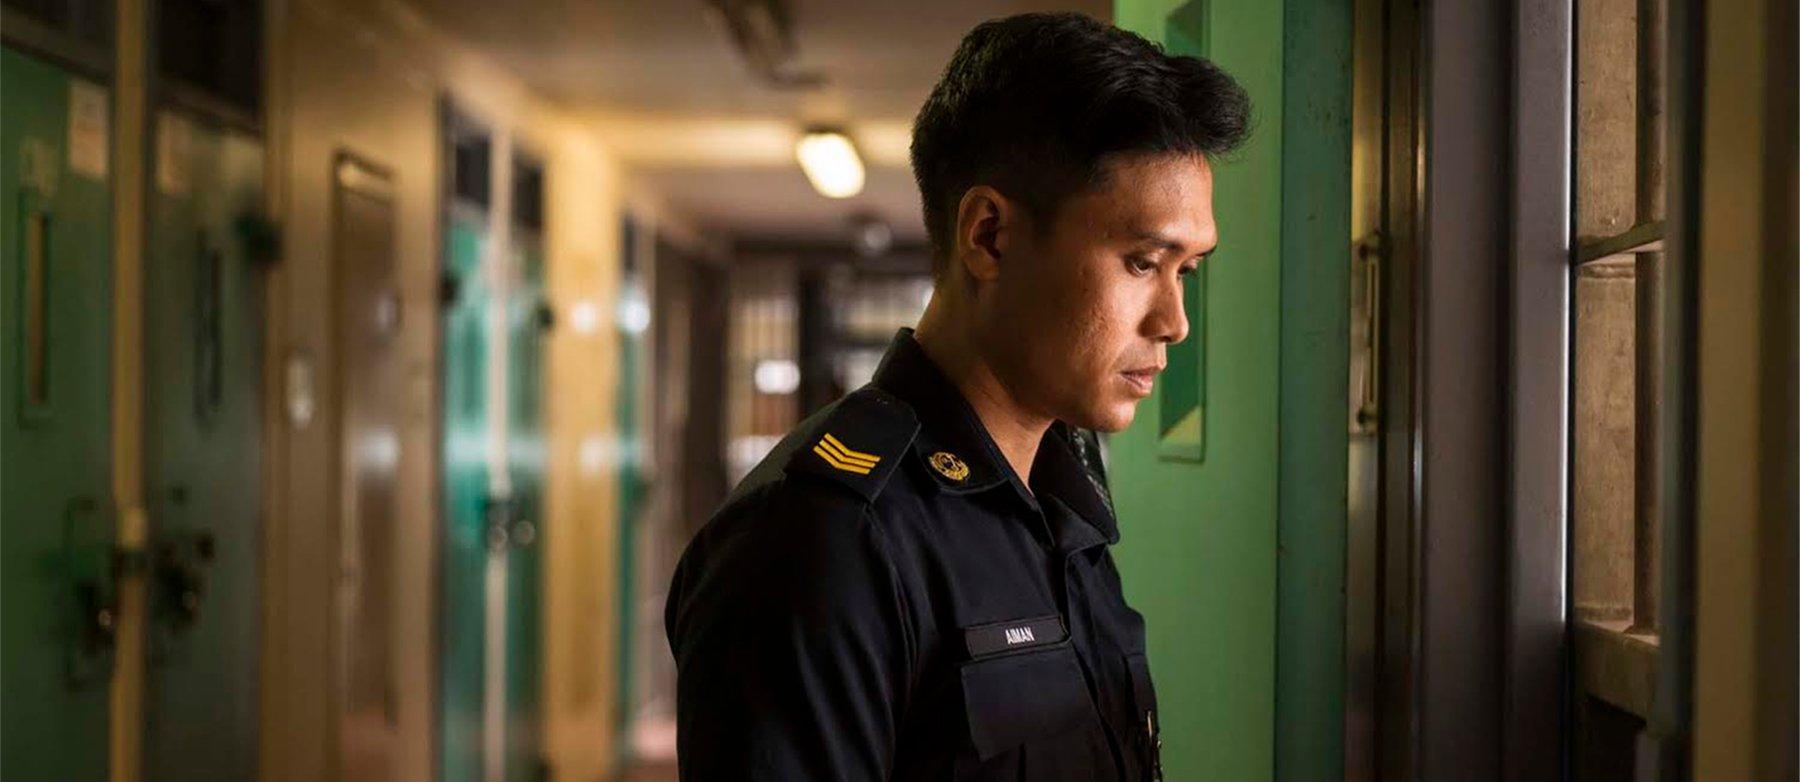 Apprentice, de Boo Junfeng